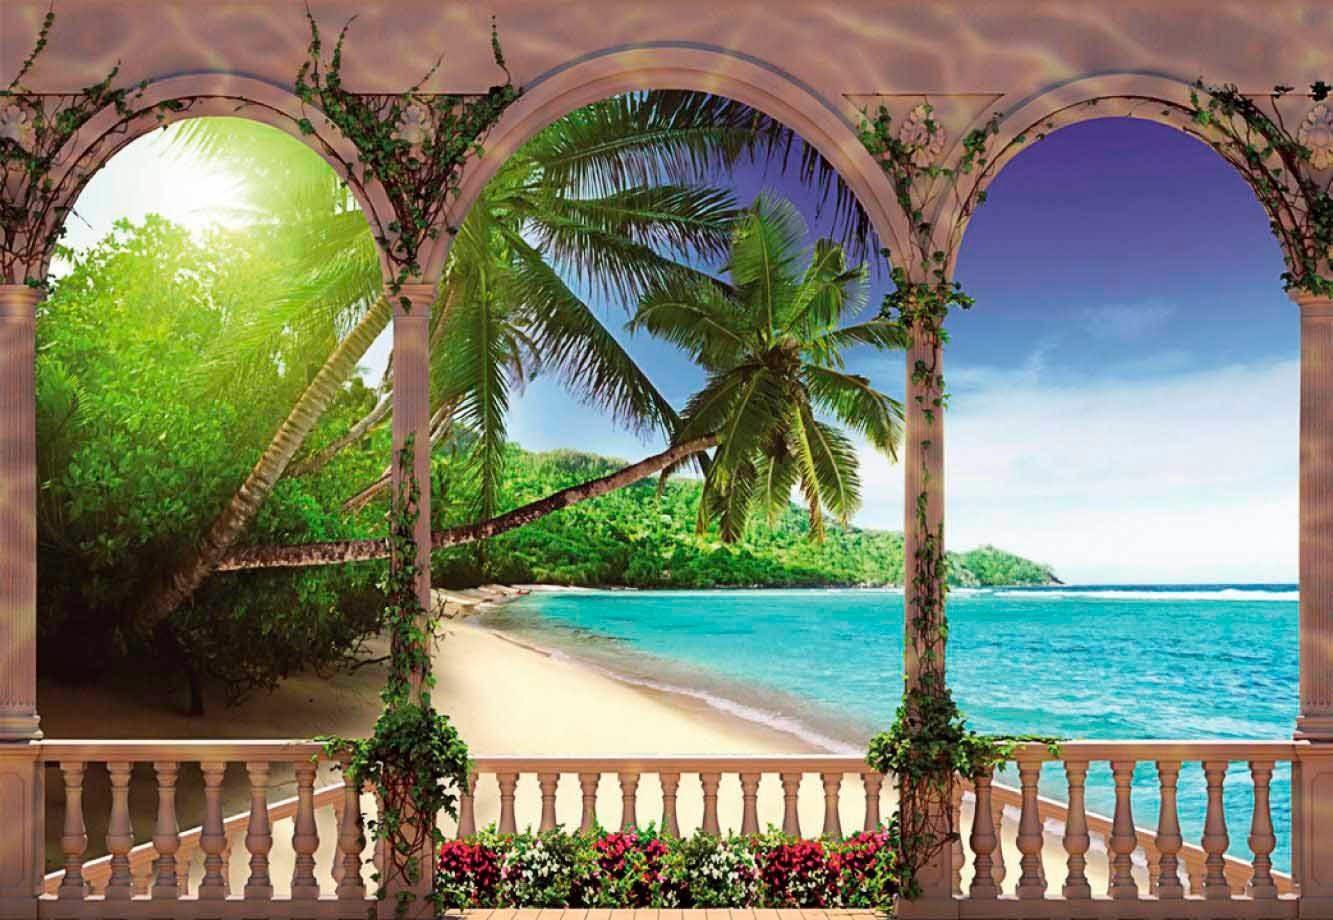 Fototapete »Palmen im Paradies«, 368/254 cm